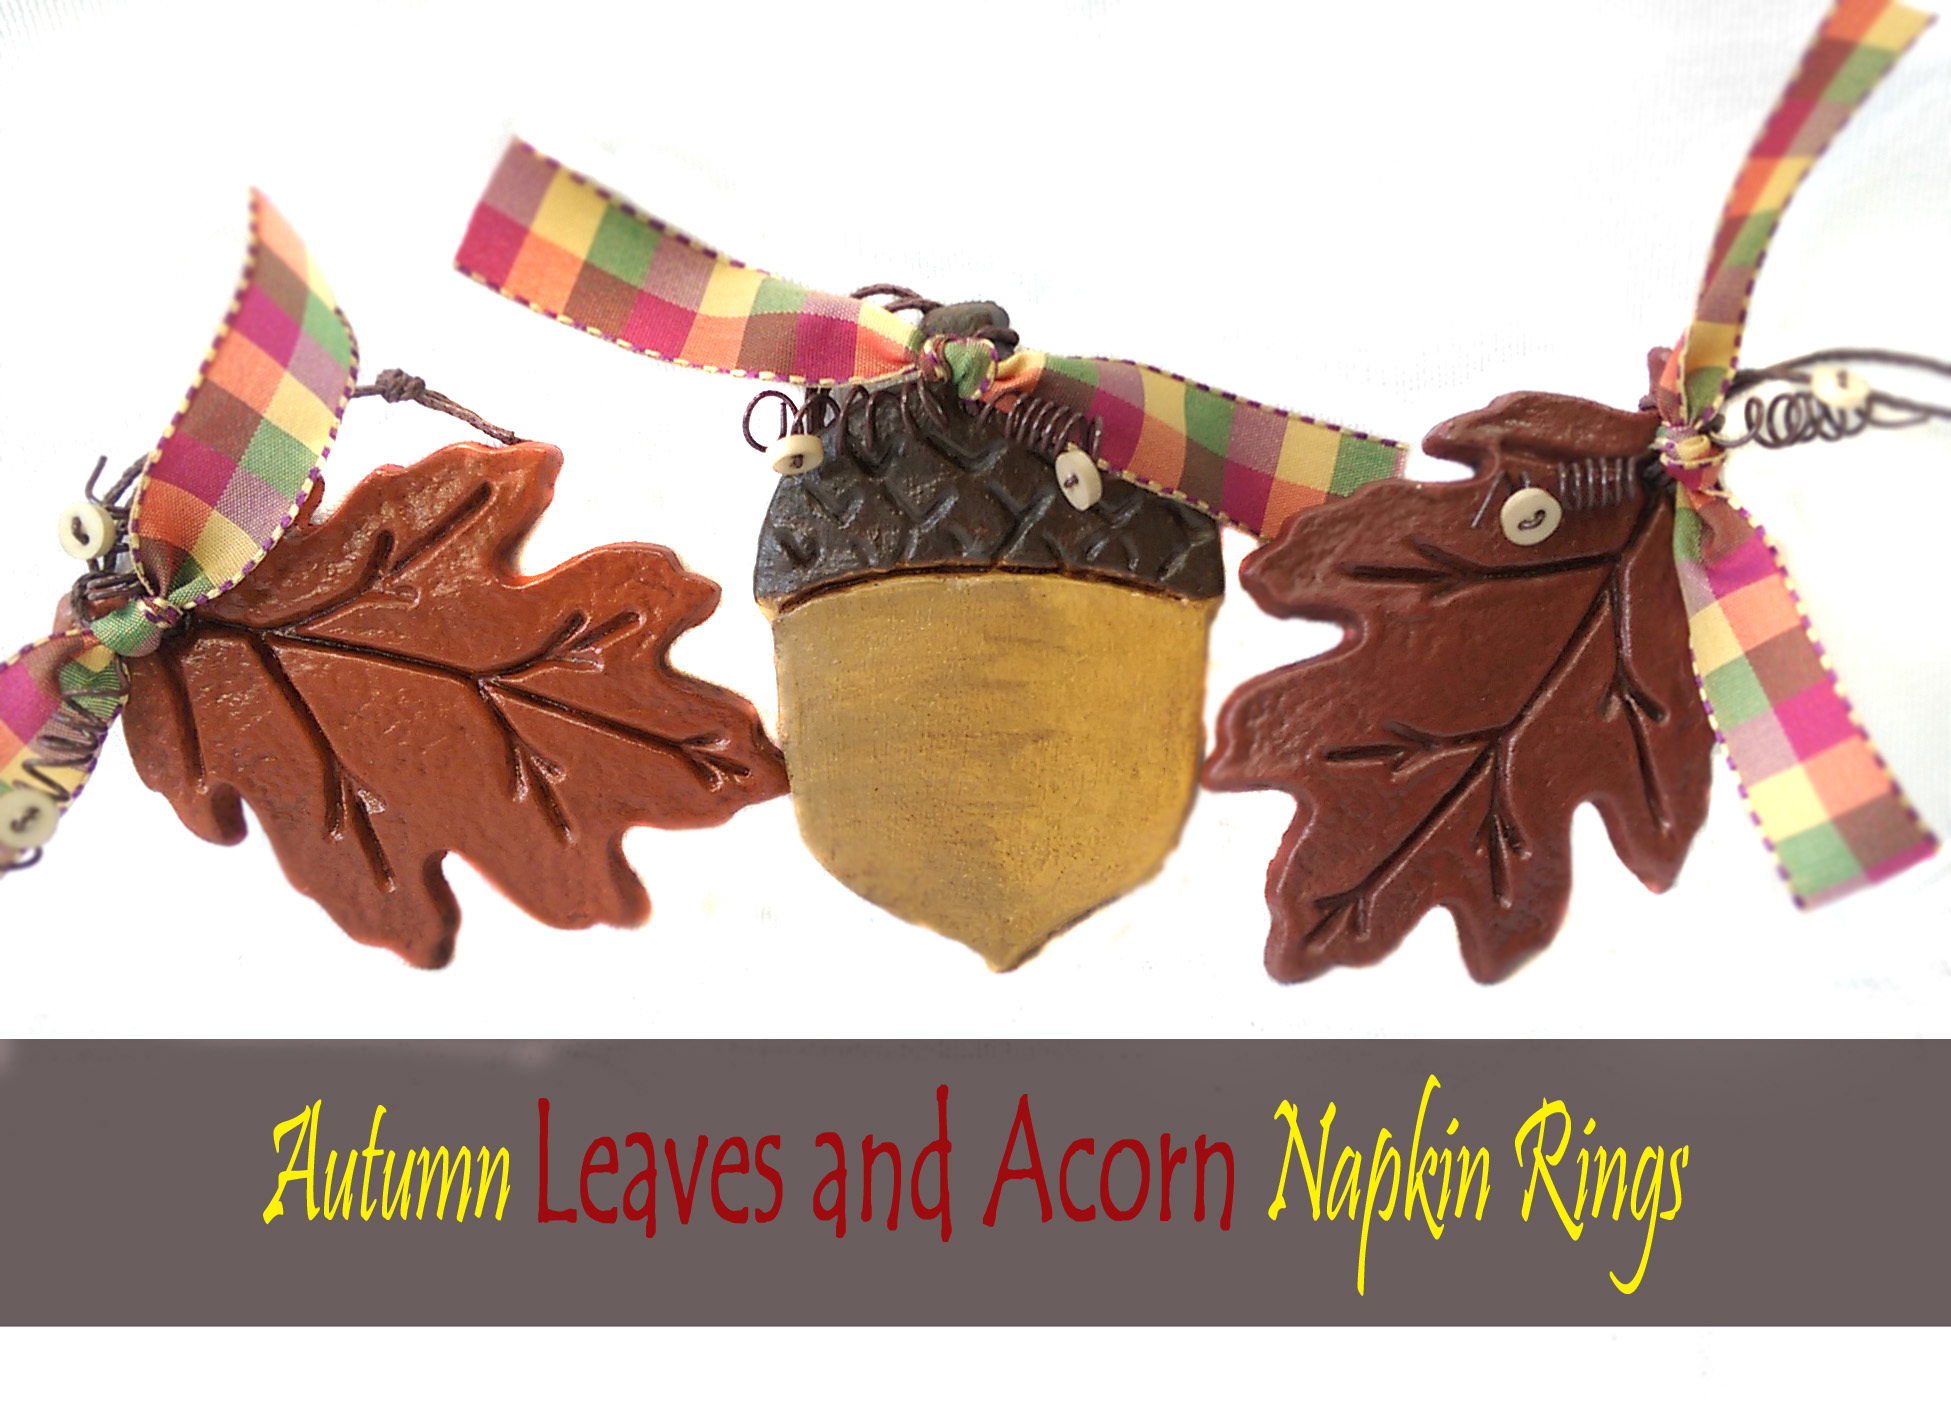 leaves-acorn napkin  rings_edited-1.jpg